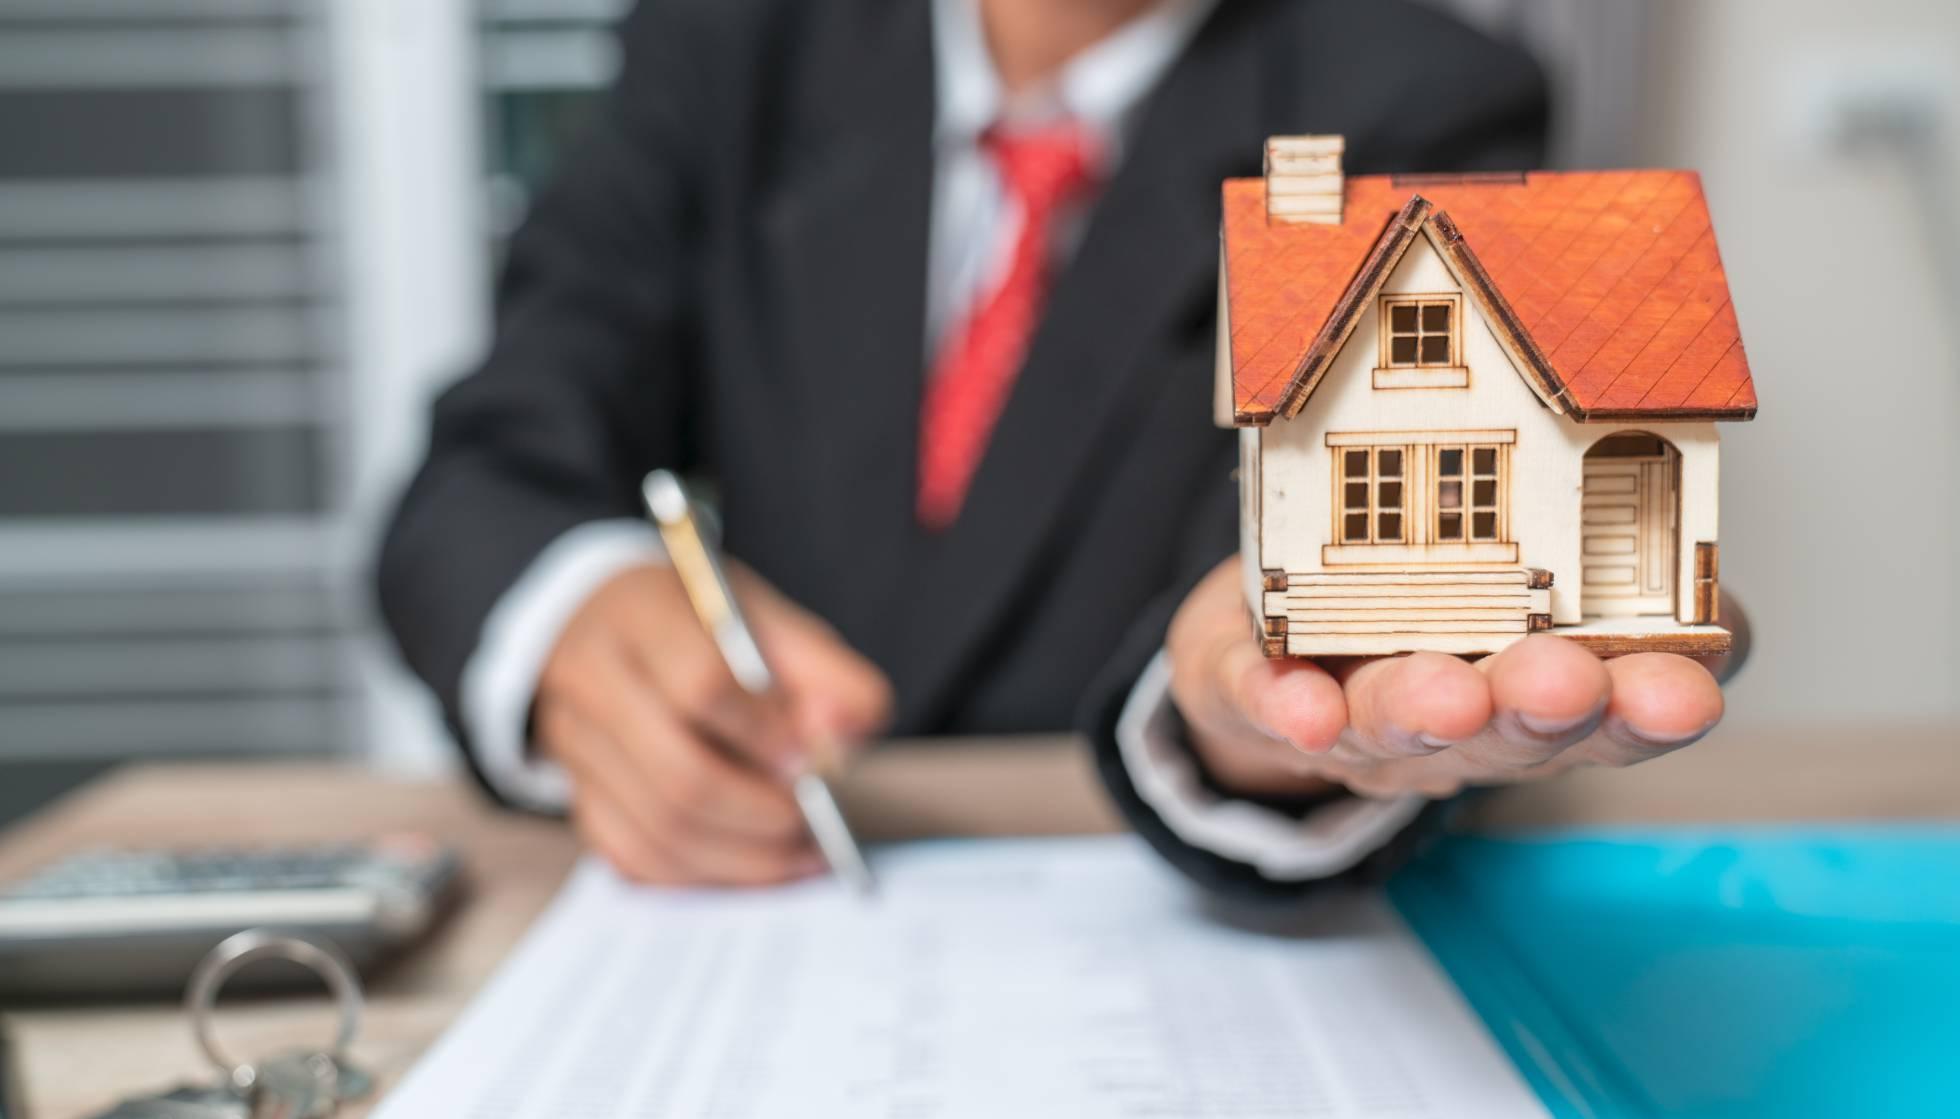 El 10% de las hipotecas en 2016 todavía estaban infladas con respecto al precio de compra